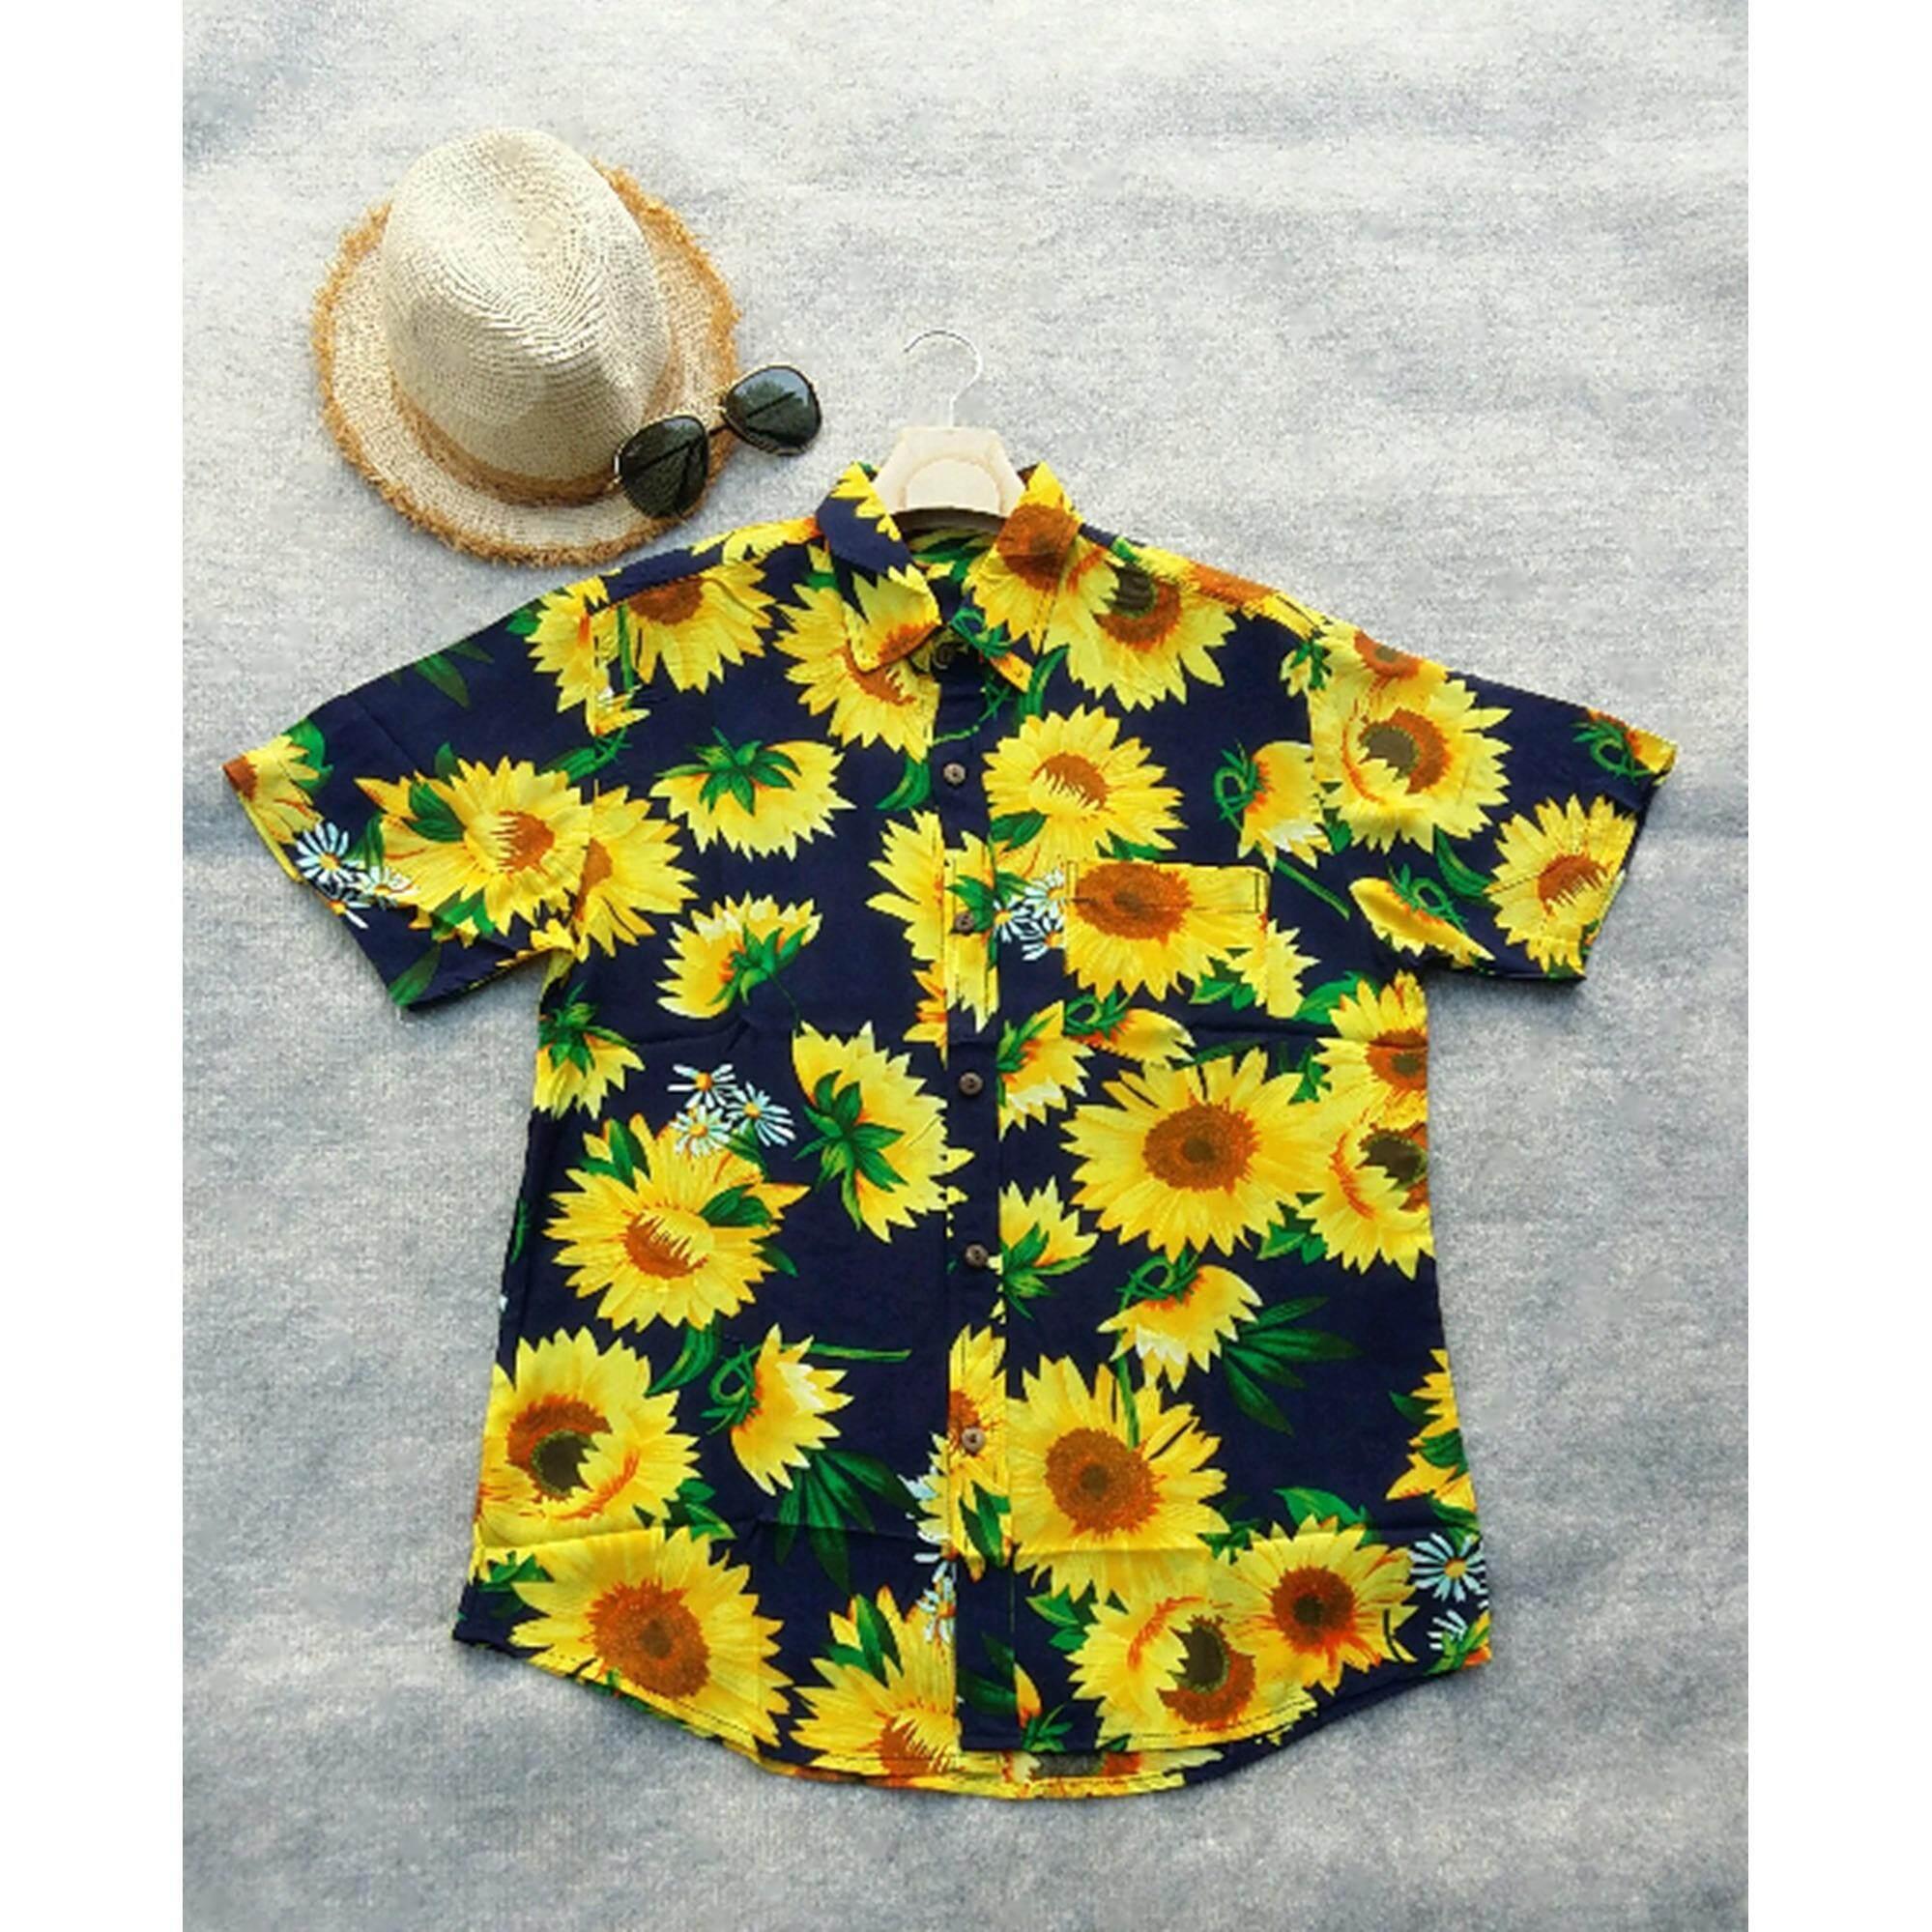 โปรโมชั่น Mama Shop เสื้อเซิ้ตฮาวาย พิมพ์ลายดอกทานตะวันสีเหลือง พื้นสีน้ำเงินเข้ม คอปก ไซส์ M ผ้านิ่มใส่สบาย รุ่น Mb 112 ใน Thailand